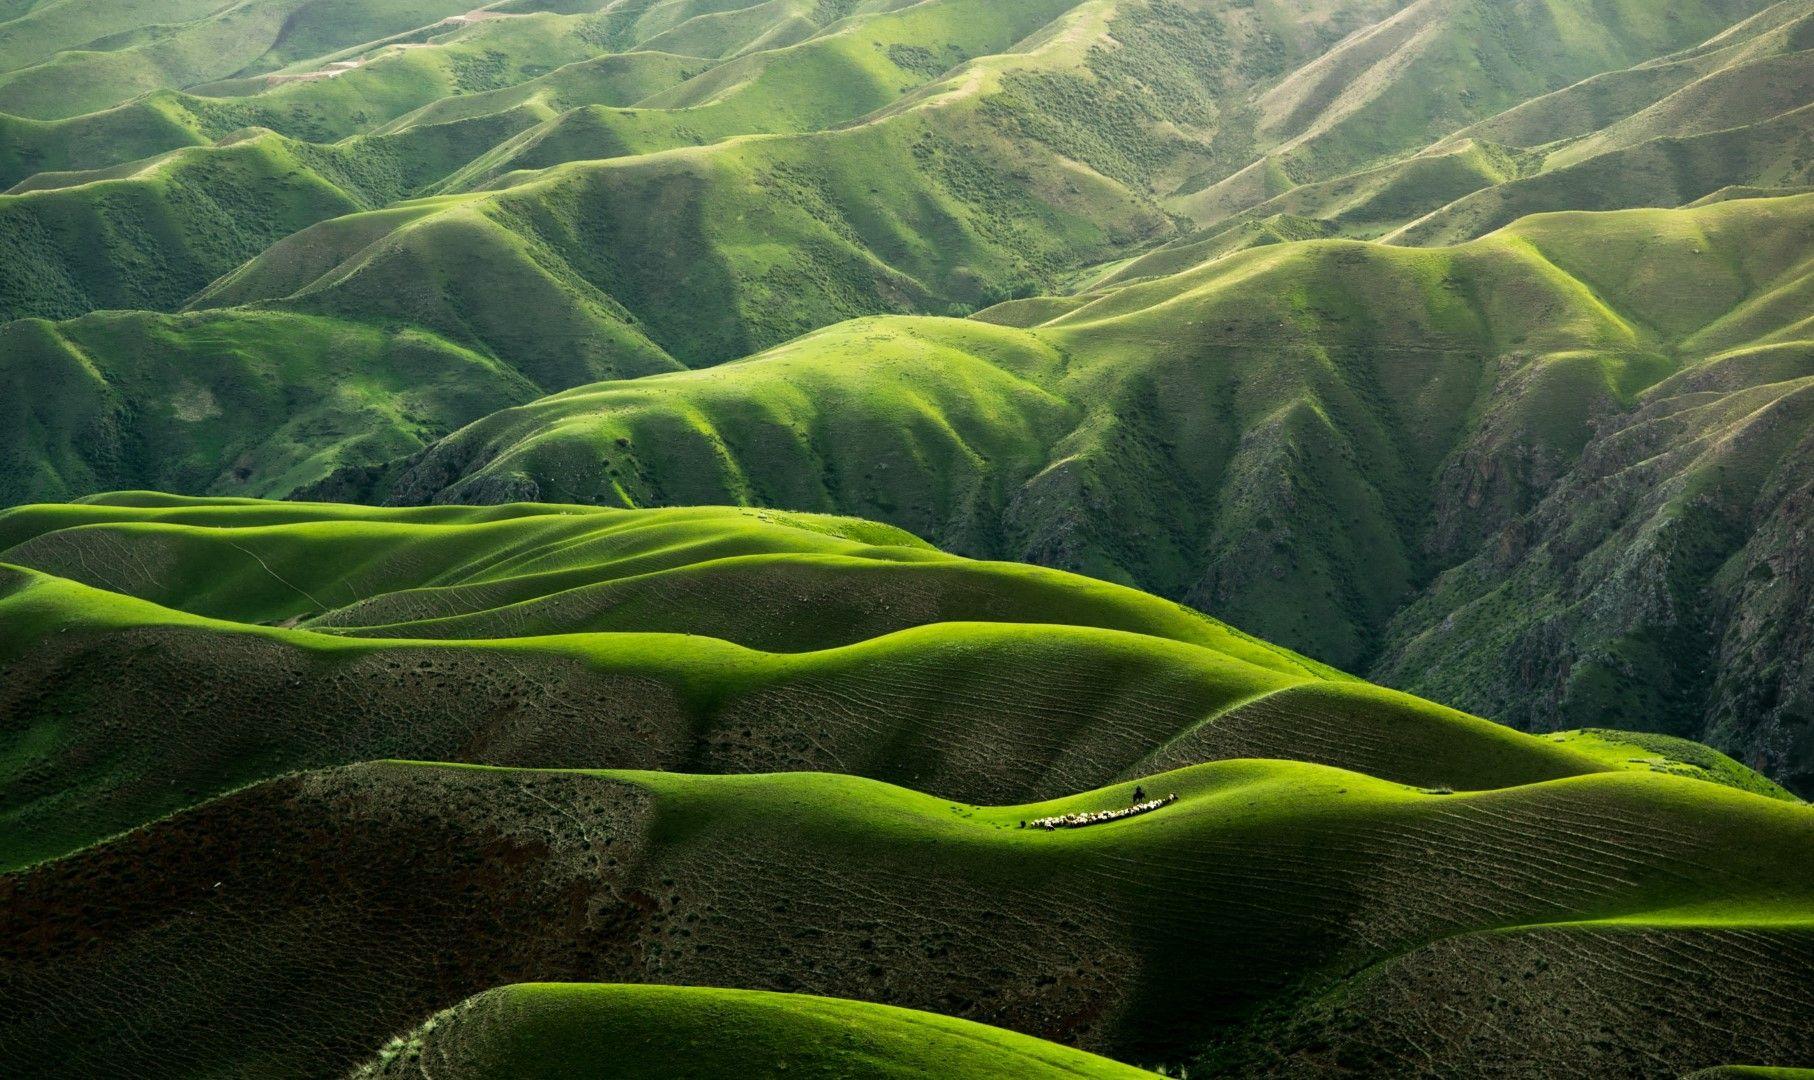 Зелени възвишения в провинция Синдзян в Китай.